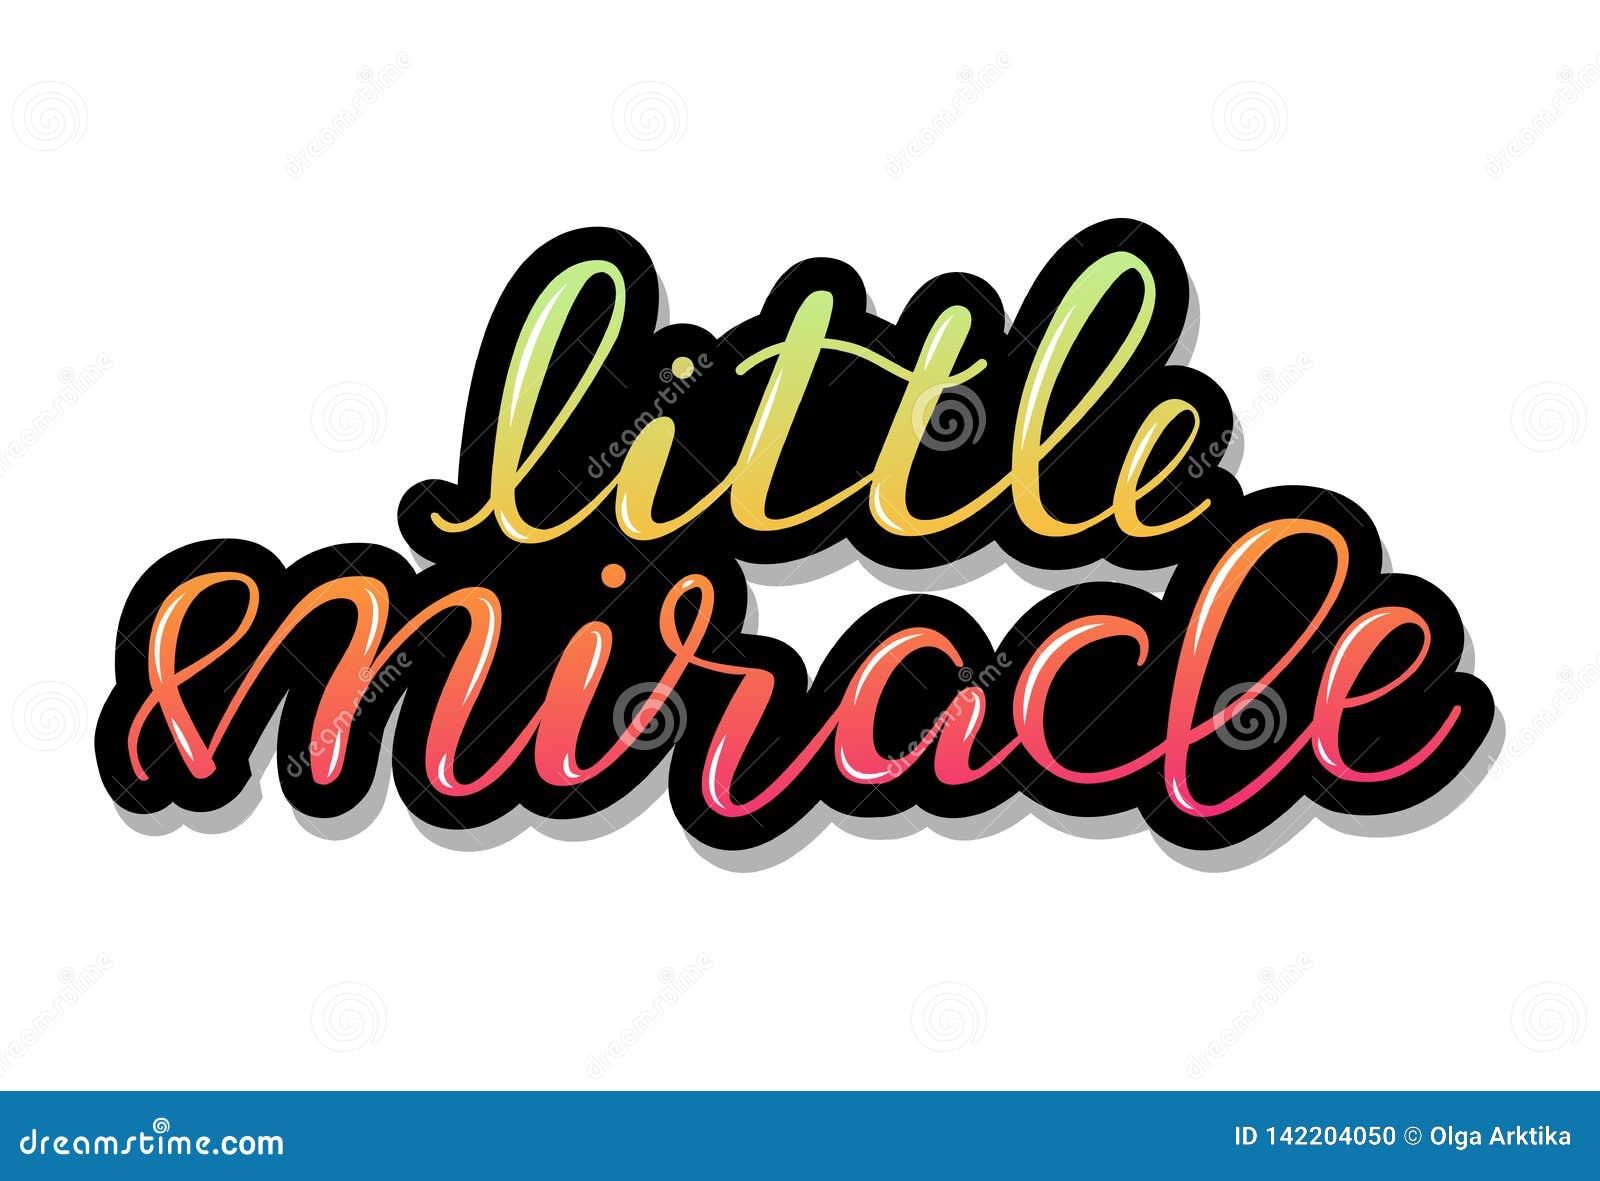 Pouco milagre, bebê que rotula citações